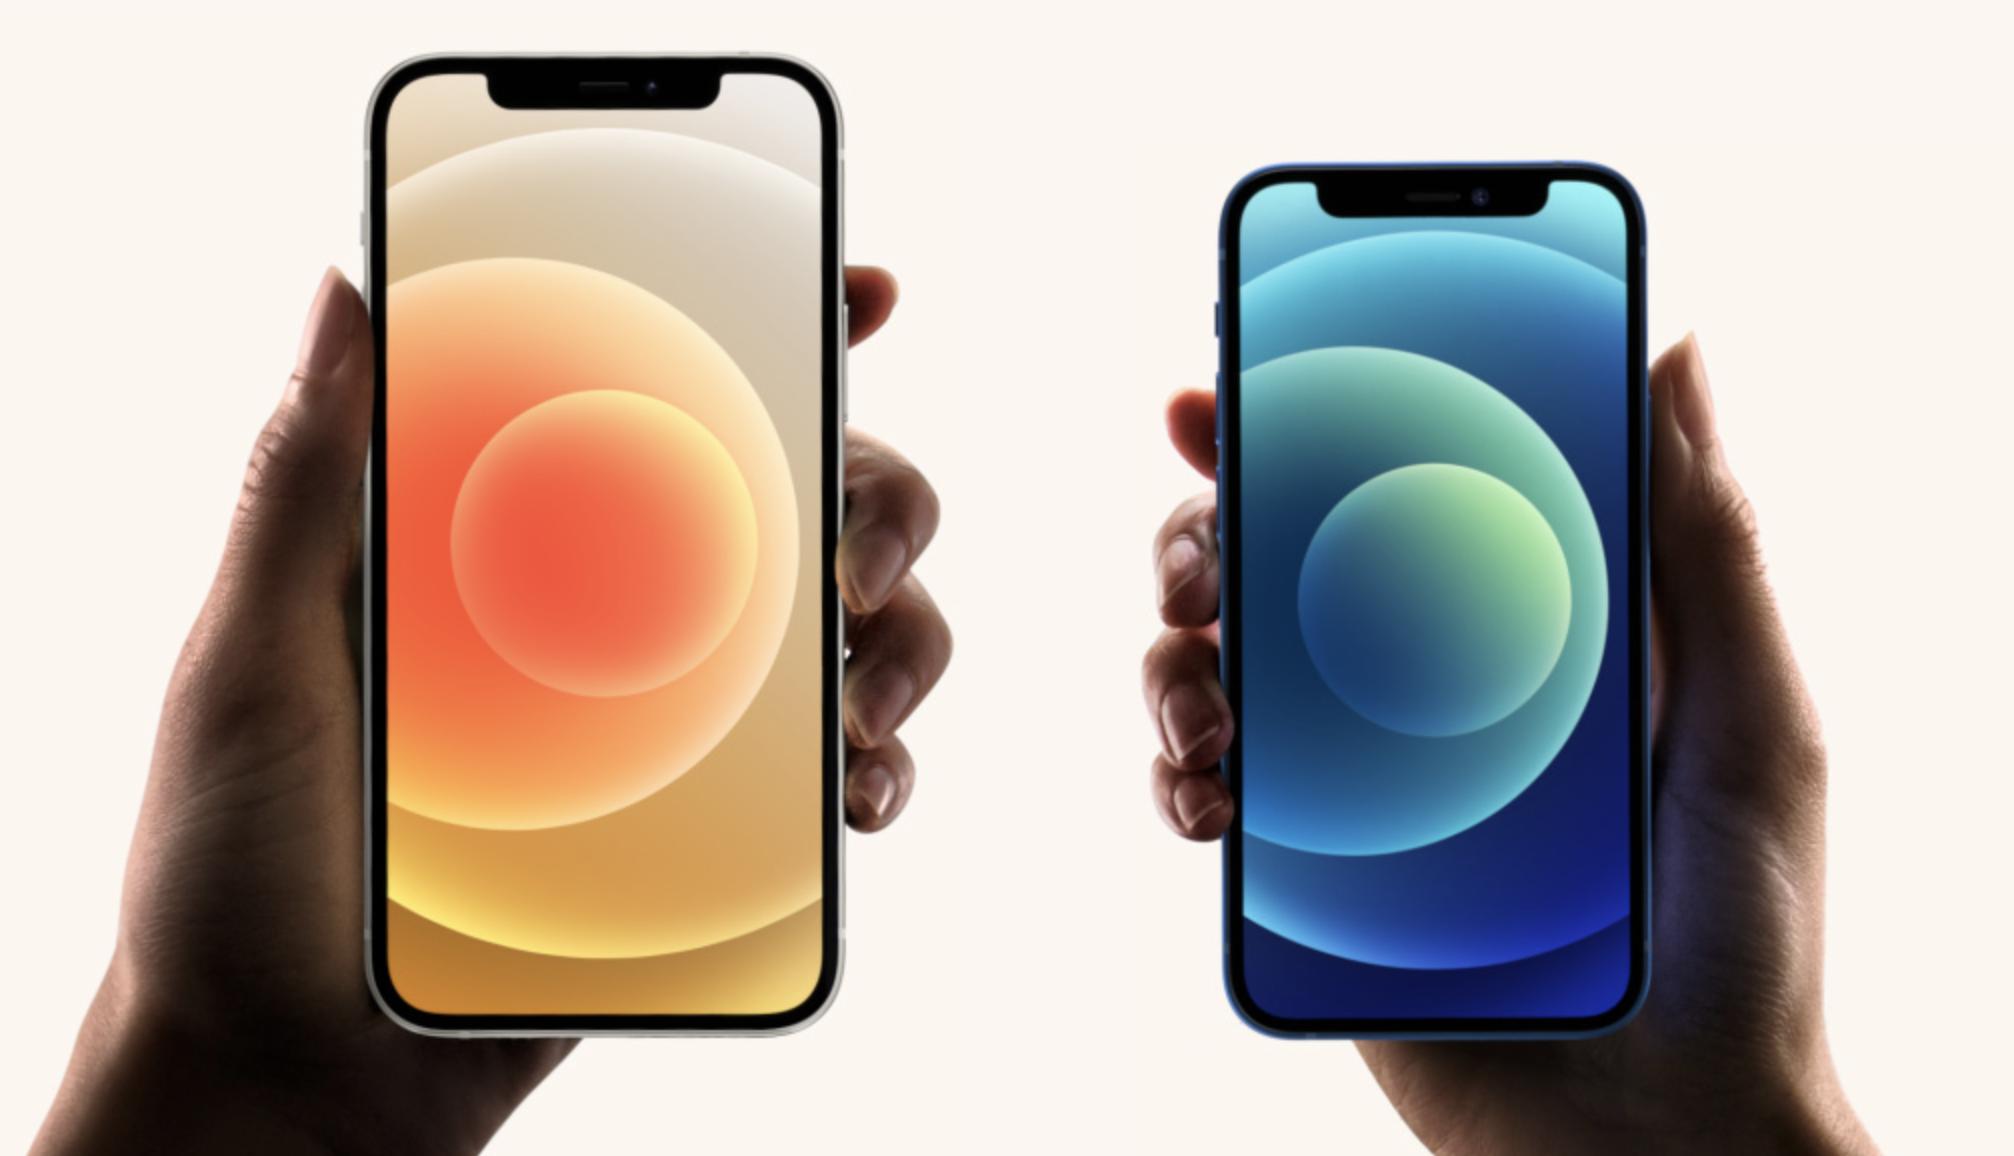 歴代iPhoneの画面サイズ・インチ数一覧|iPhone過去モデルのケースサイズ比較